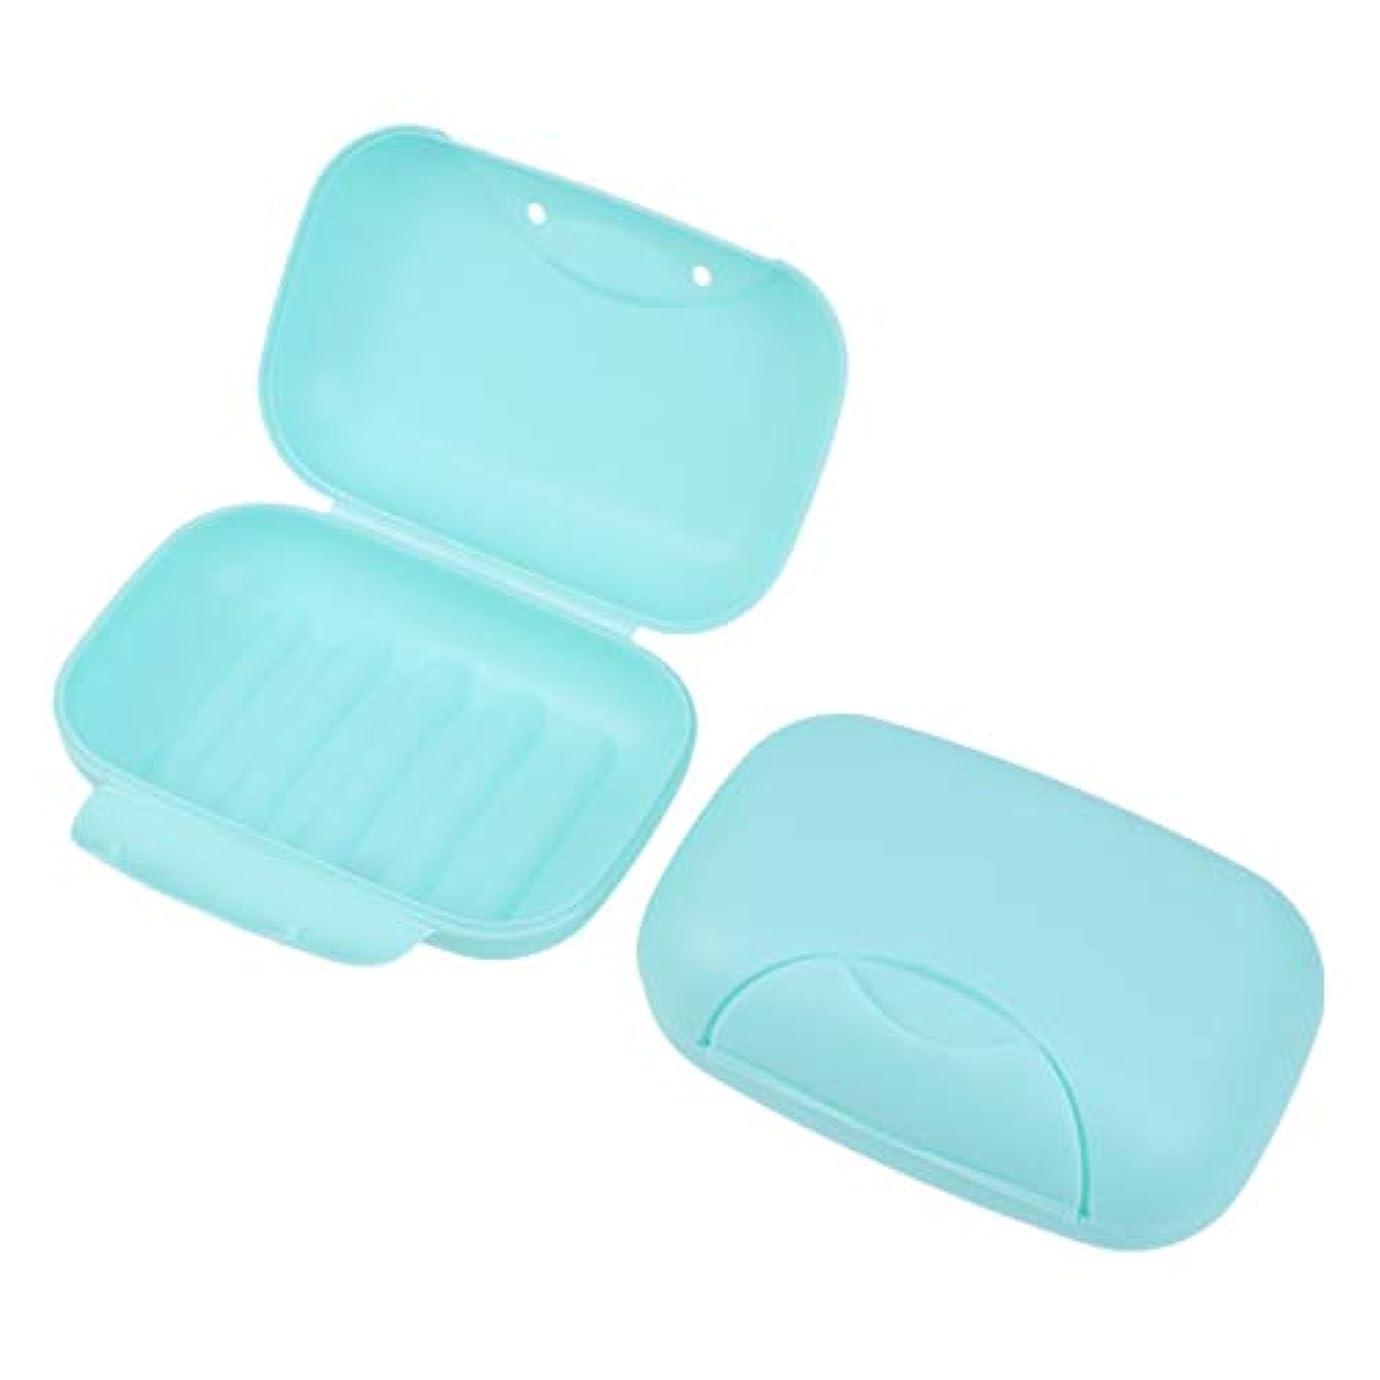 デジタルペルソナ外交官Healifty 旅行用ソープボックス防水石鹸皿ソープホルダー2個(青)